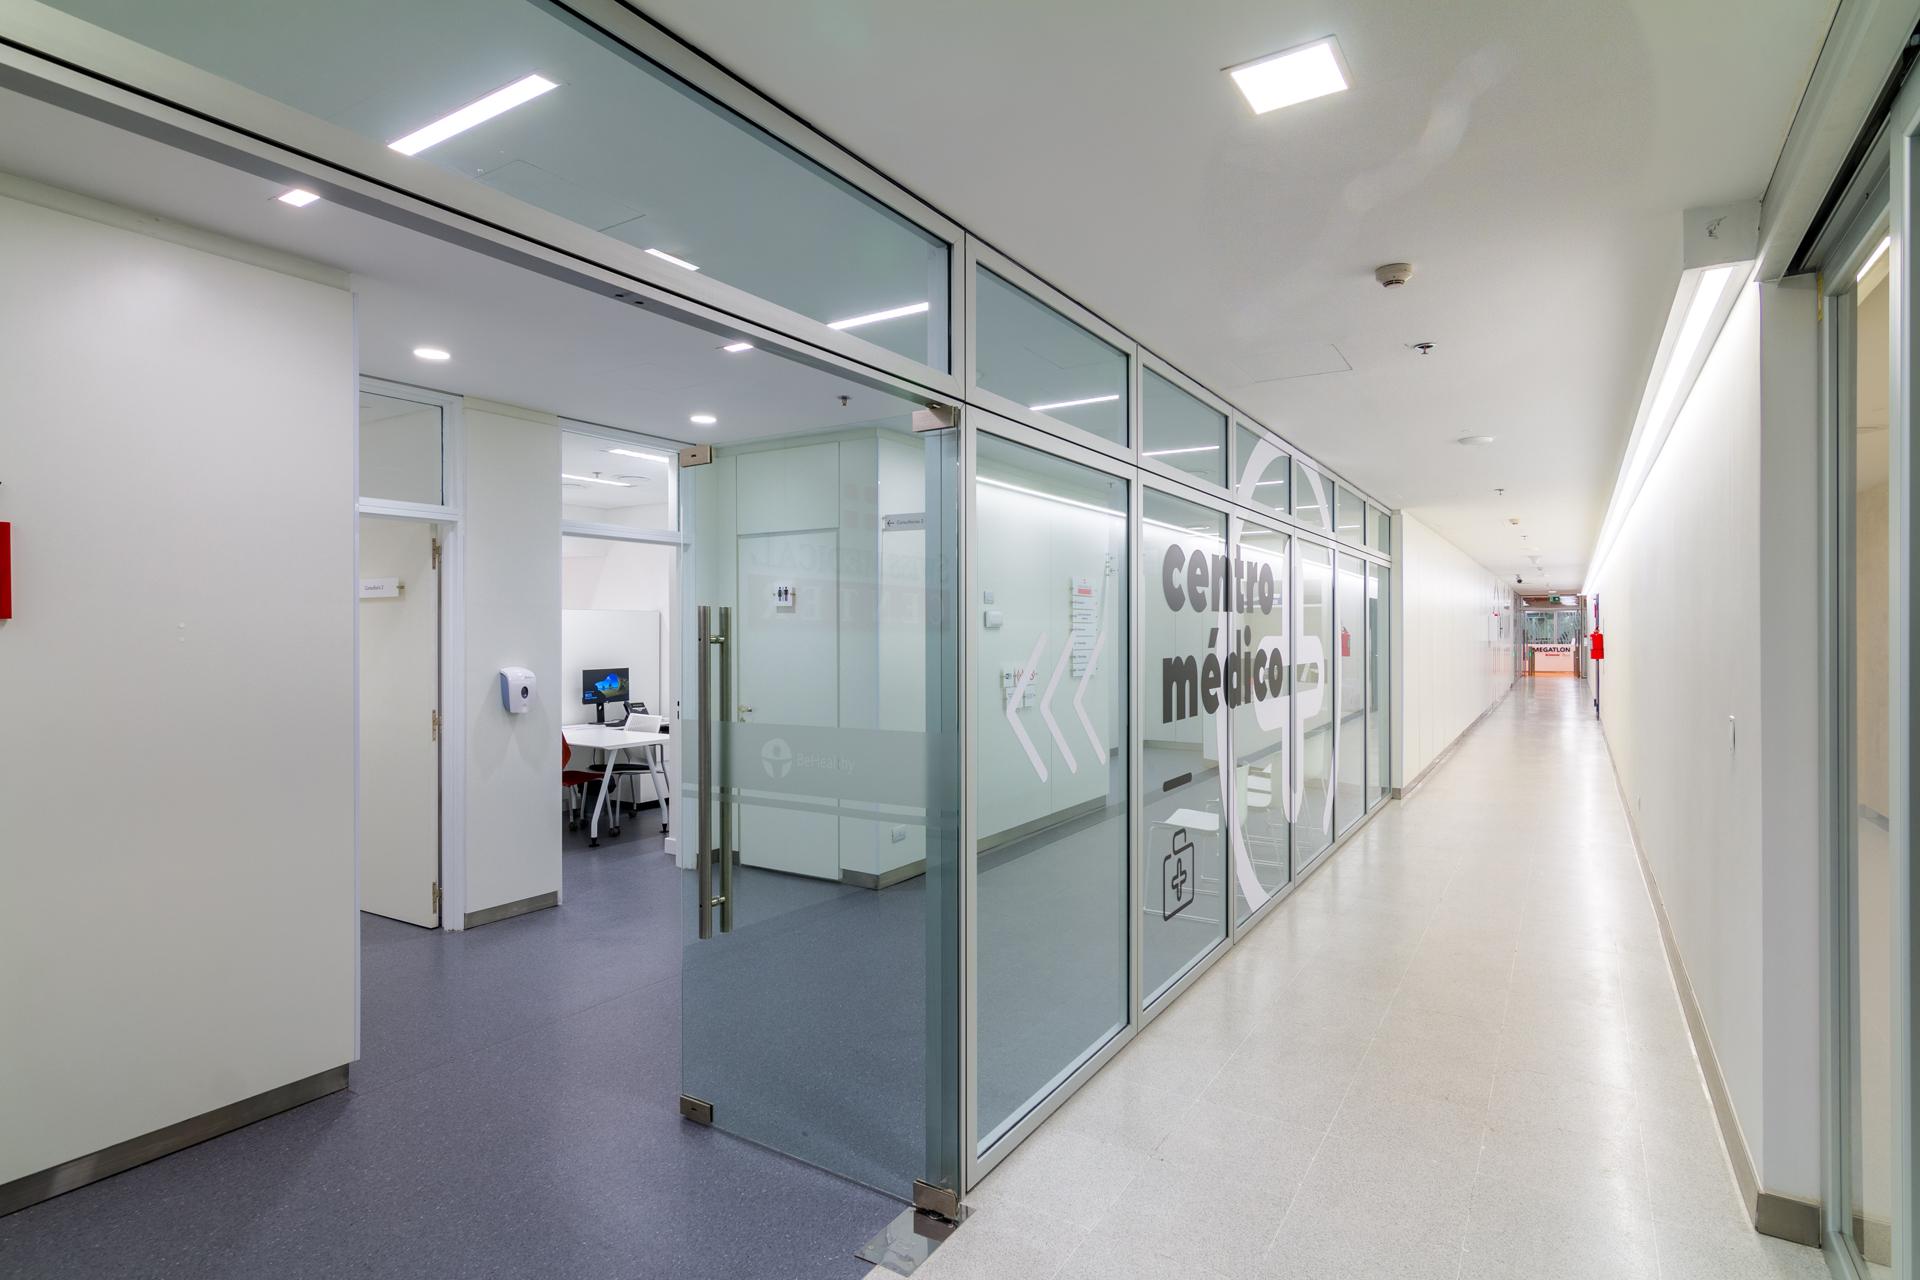 El centro médico para empleados cuenta con atención clínica, odontología, kinesiología, traumatología y las especialidades más demandadas.